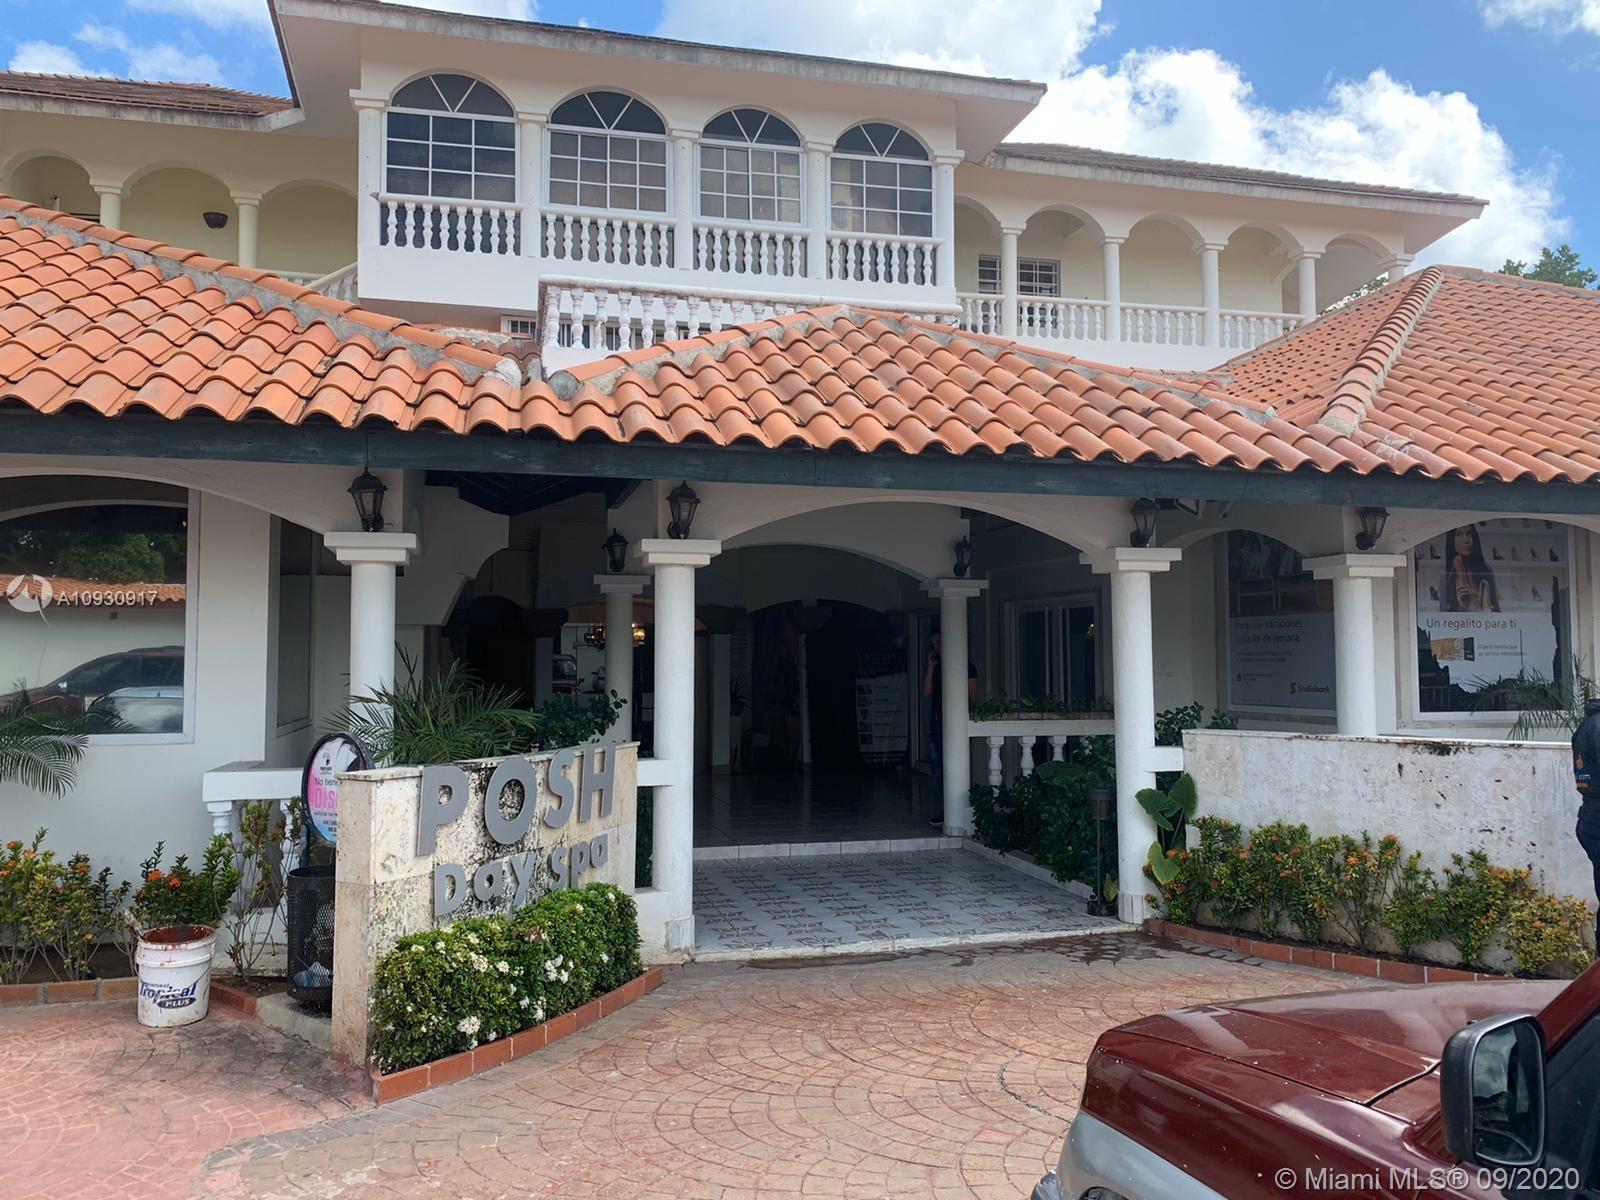 El Salado, Bavaro SE 23000 Punta Cana Dominican Republic,